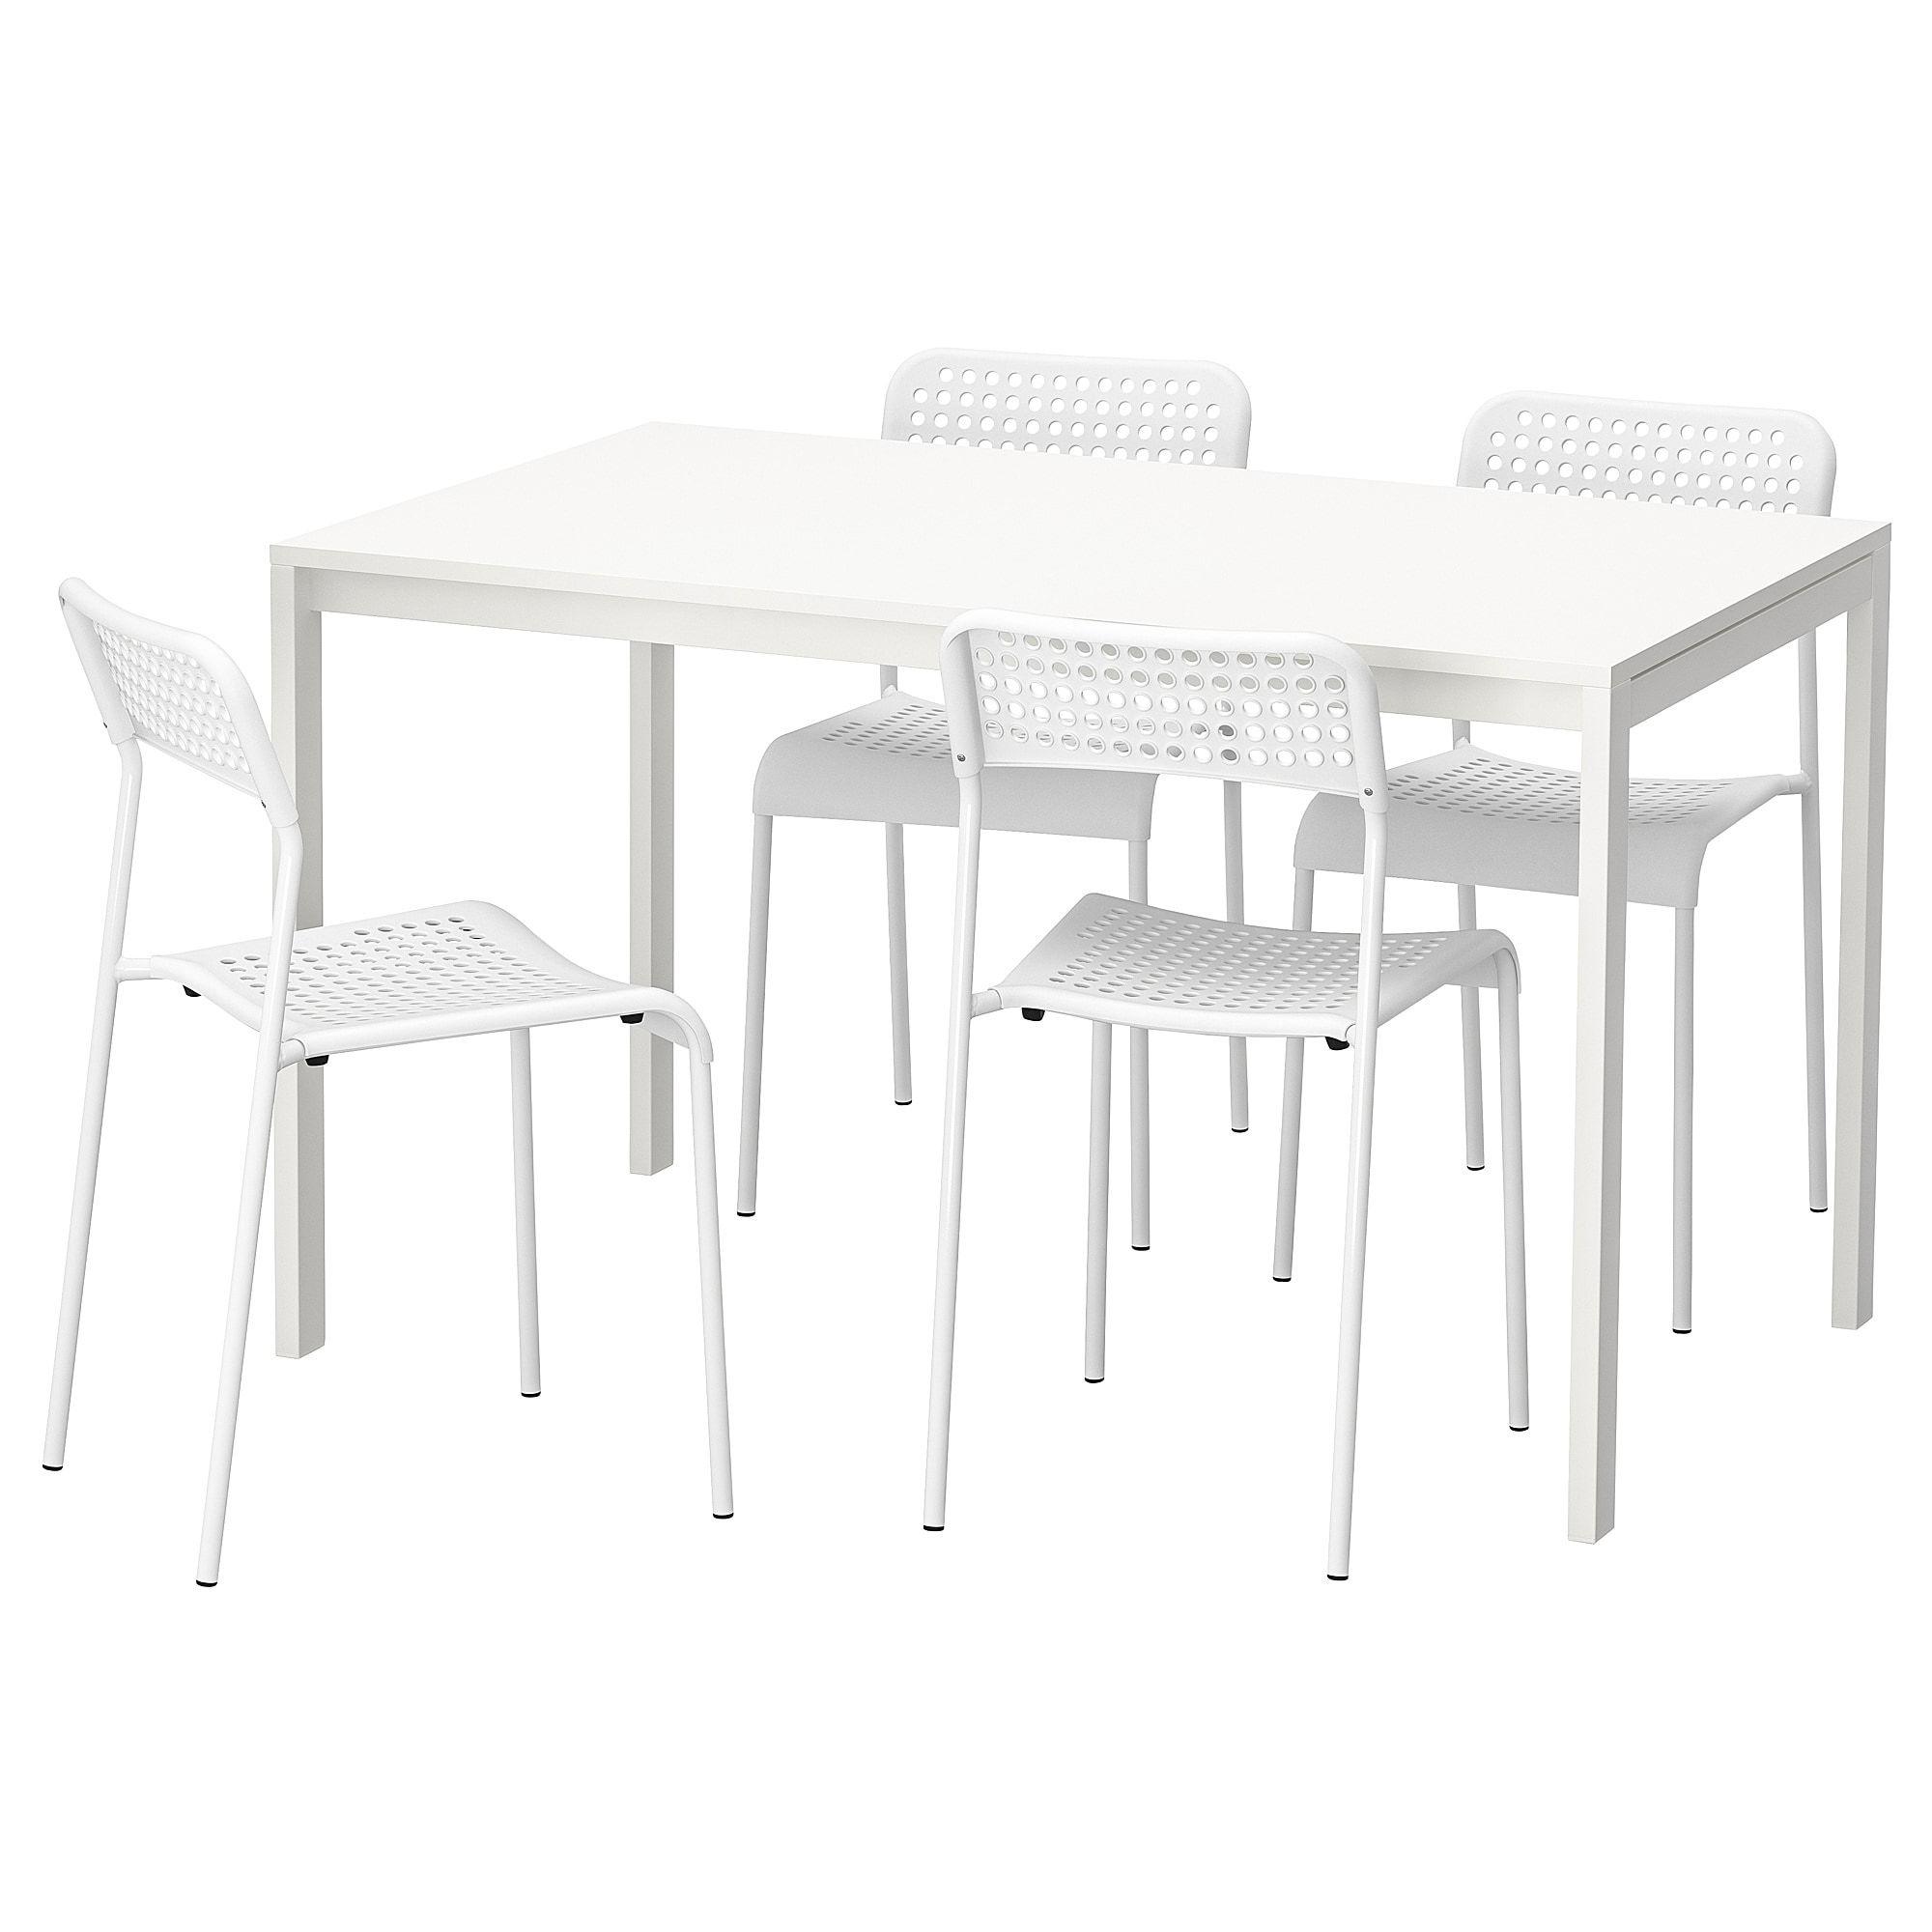 Melltorp Adde Tisch Und 4 Stuhle Weiss Products In 2019